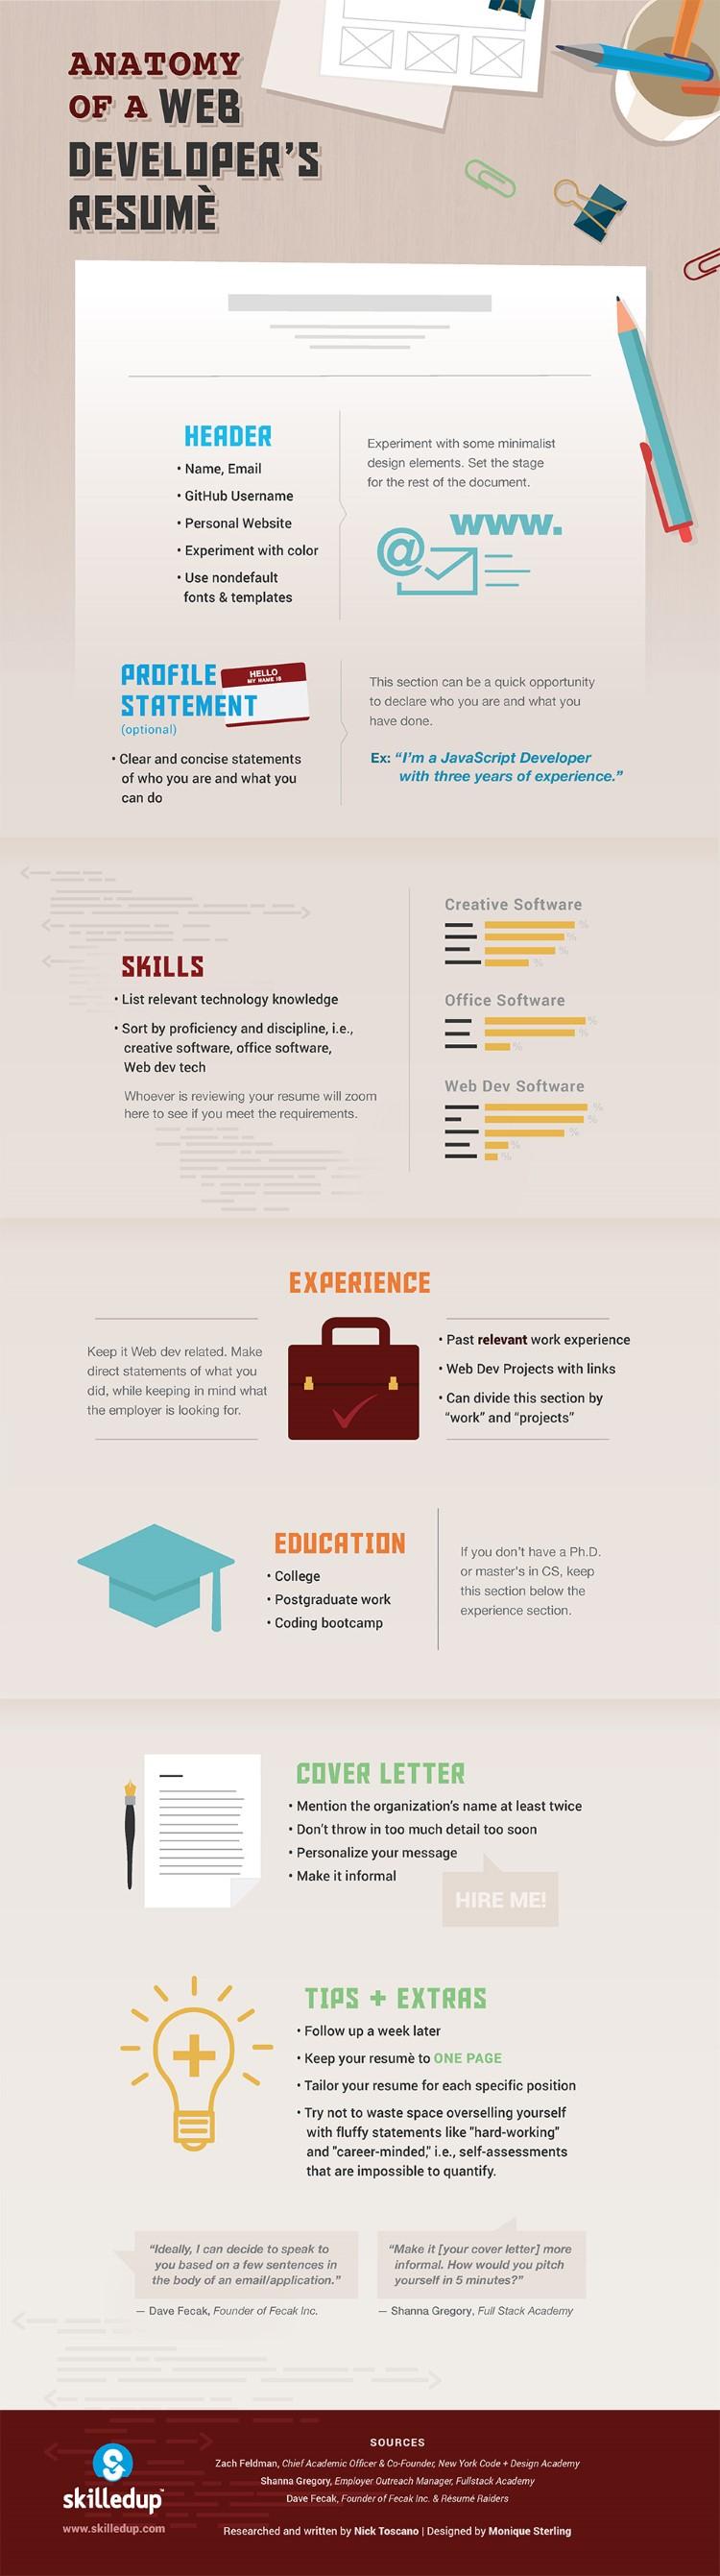 Como debe ser el curriculum de un desarrollador web | Curriculum